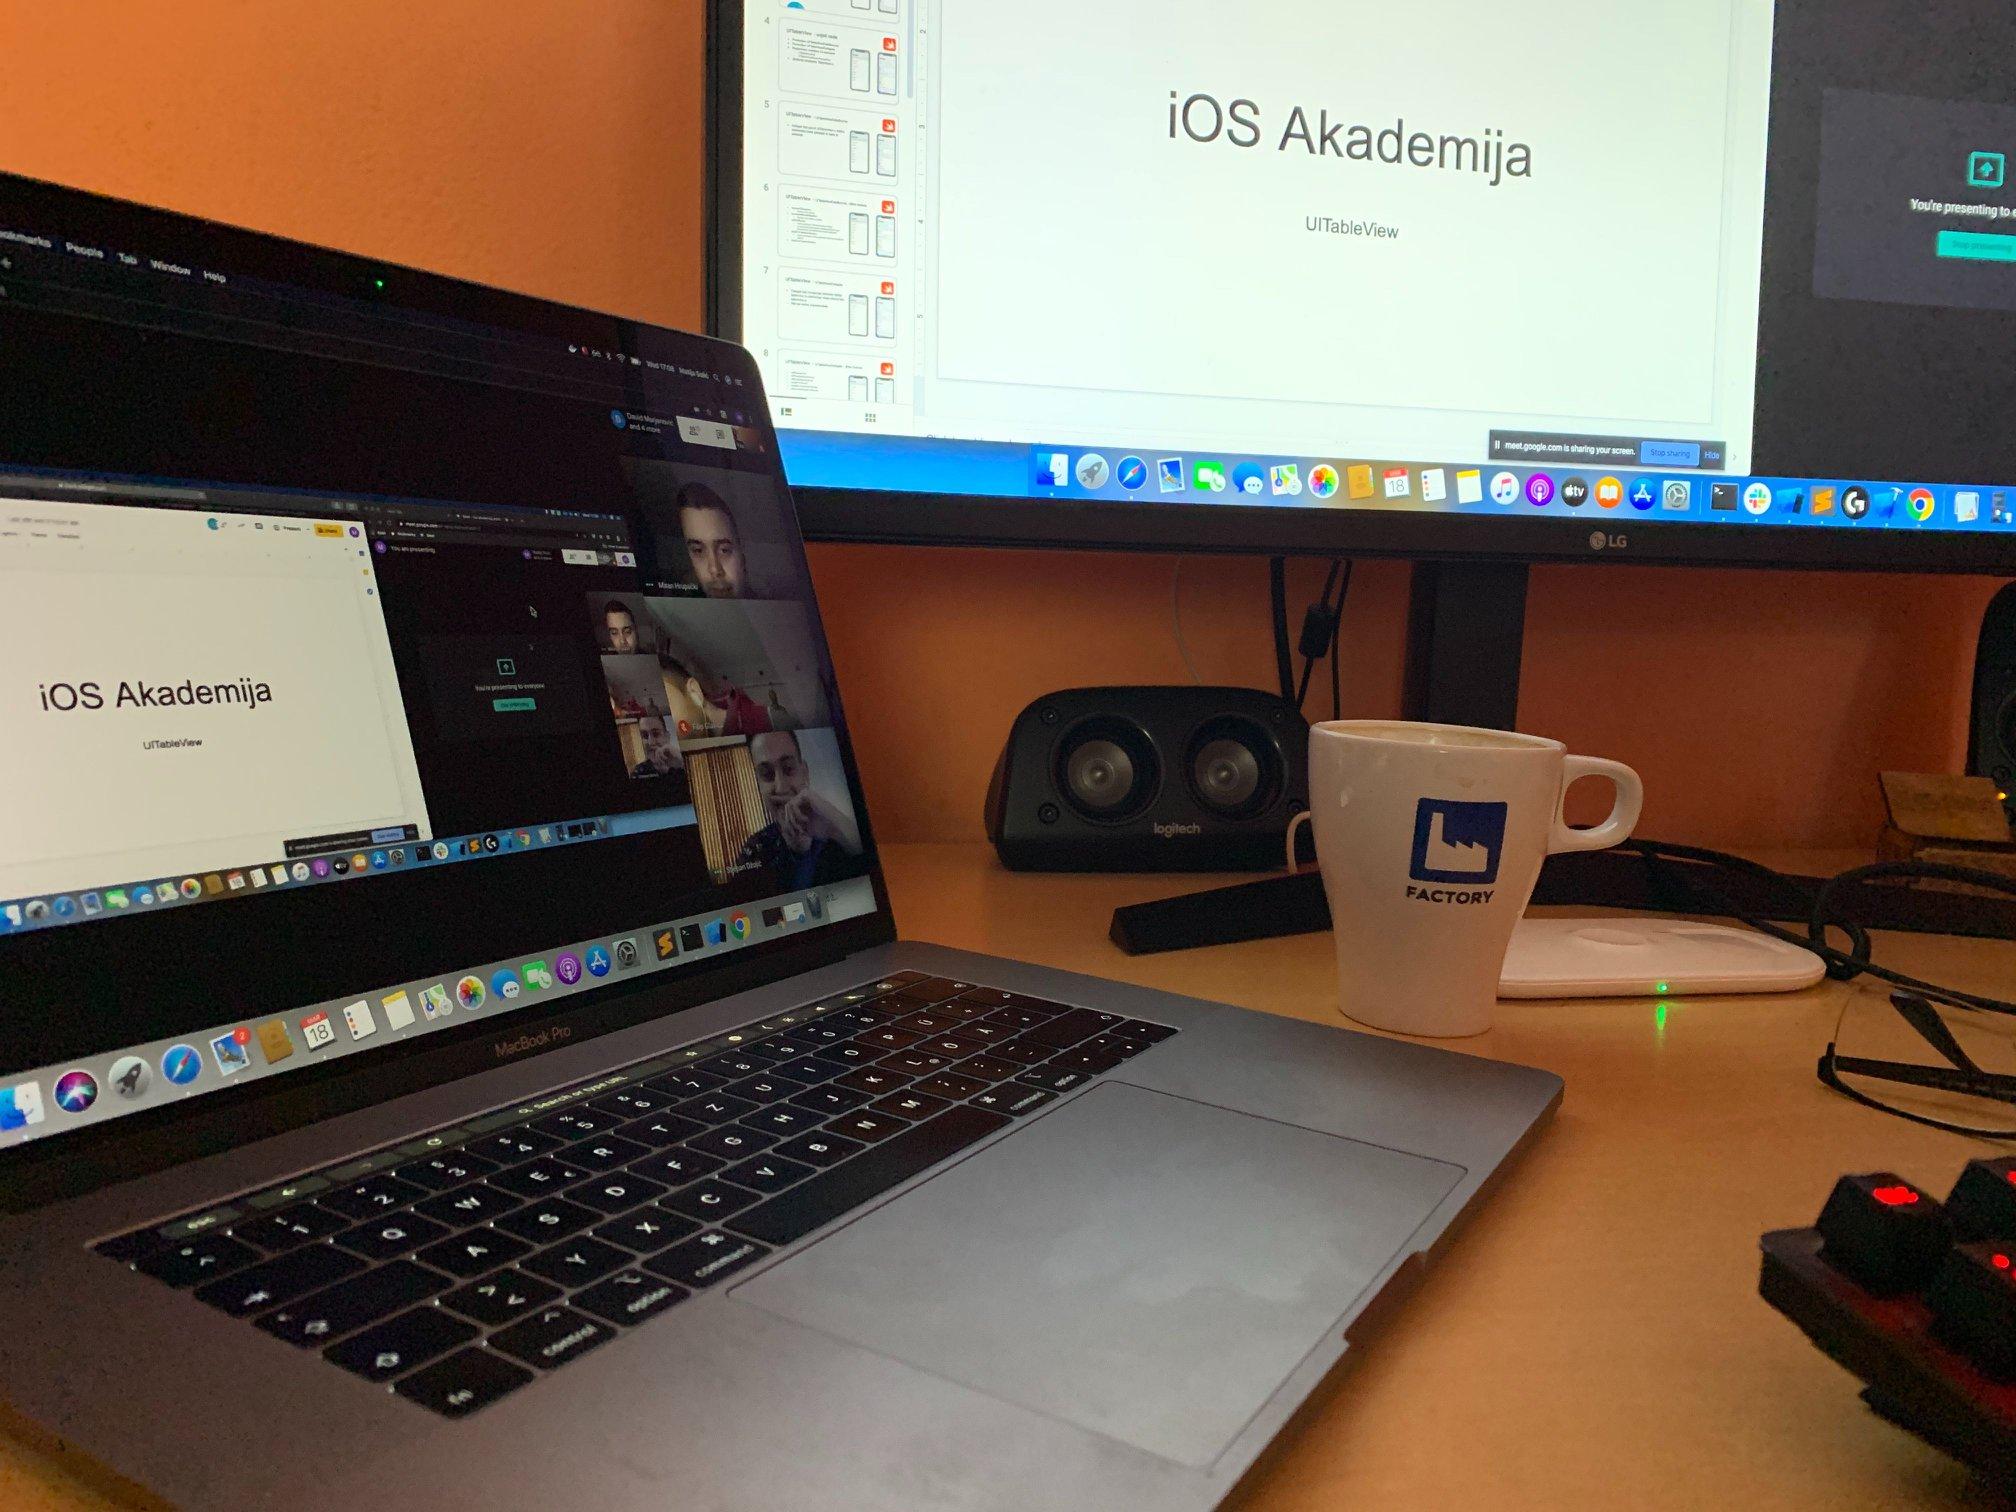 iOS academy remote 2020